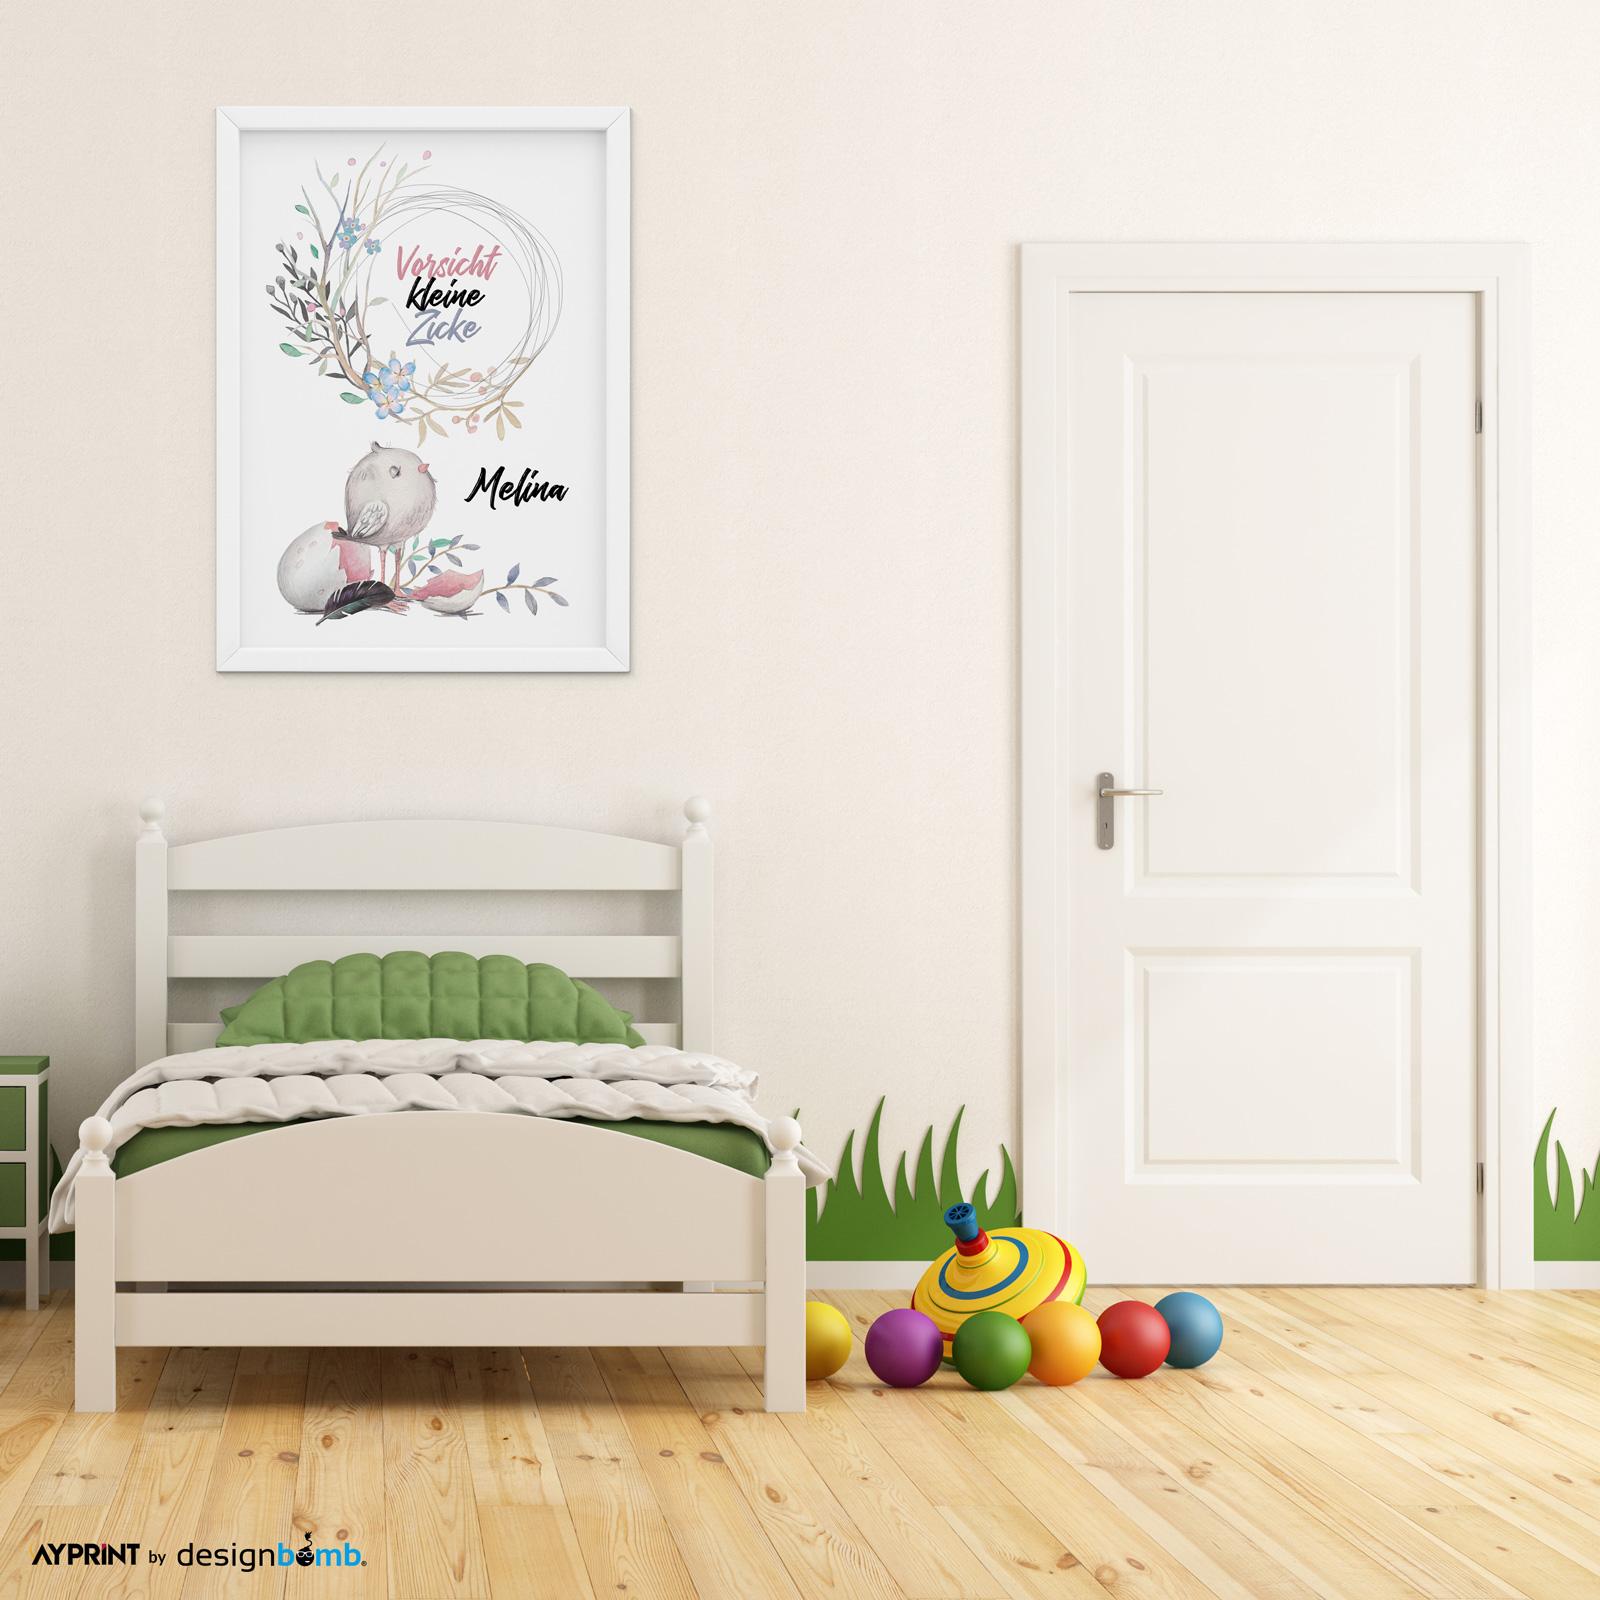 Full Size of Kinderzimmer Wanddeko Babyzimmer Vorsicht Kleine Zicke A3 Poster Regal Regale Sofa Küche Weiß Kinderzimmer Kinderzimmer Wanddeko